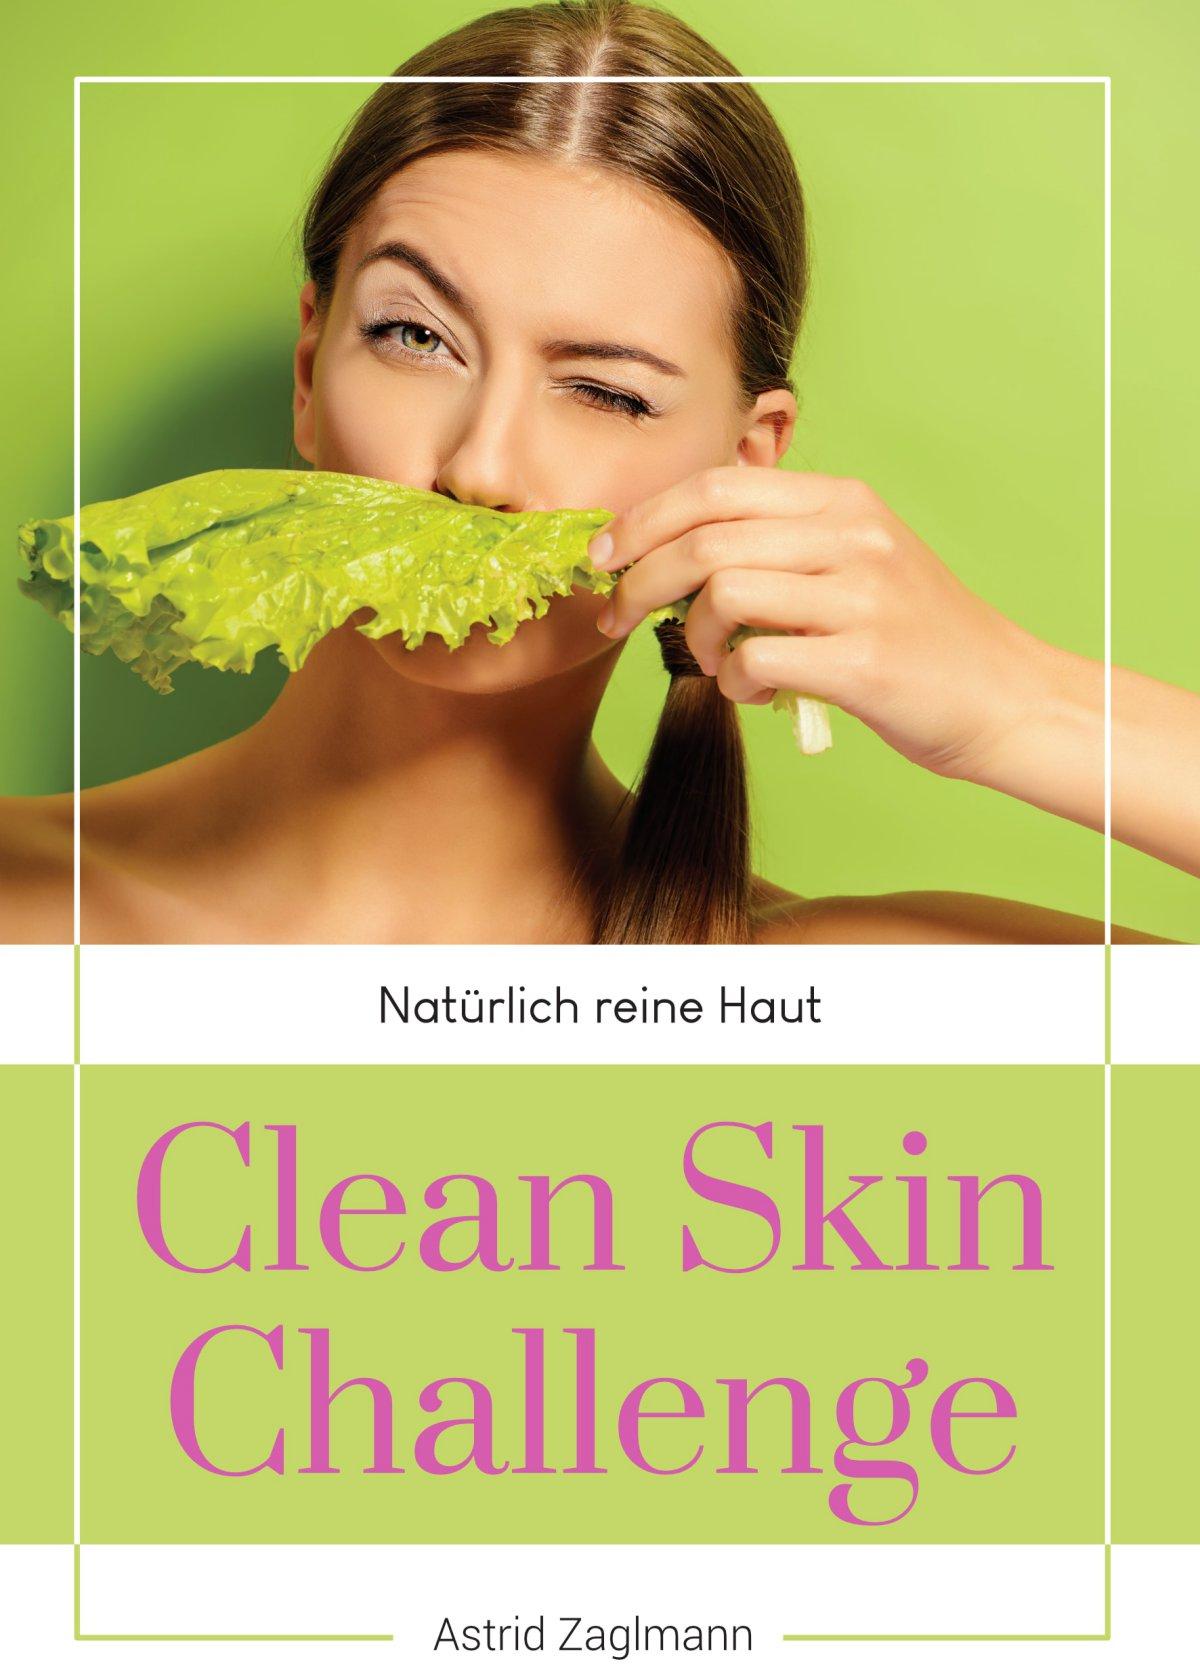 Clean Skin Challenge